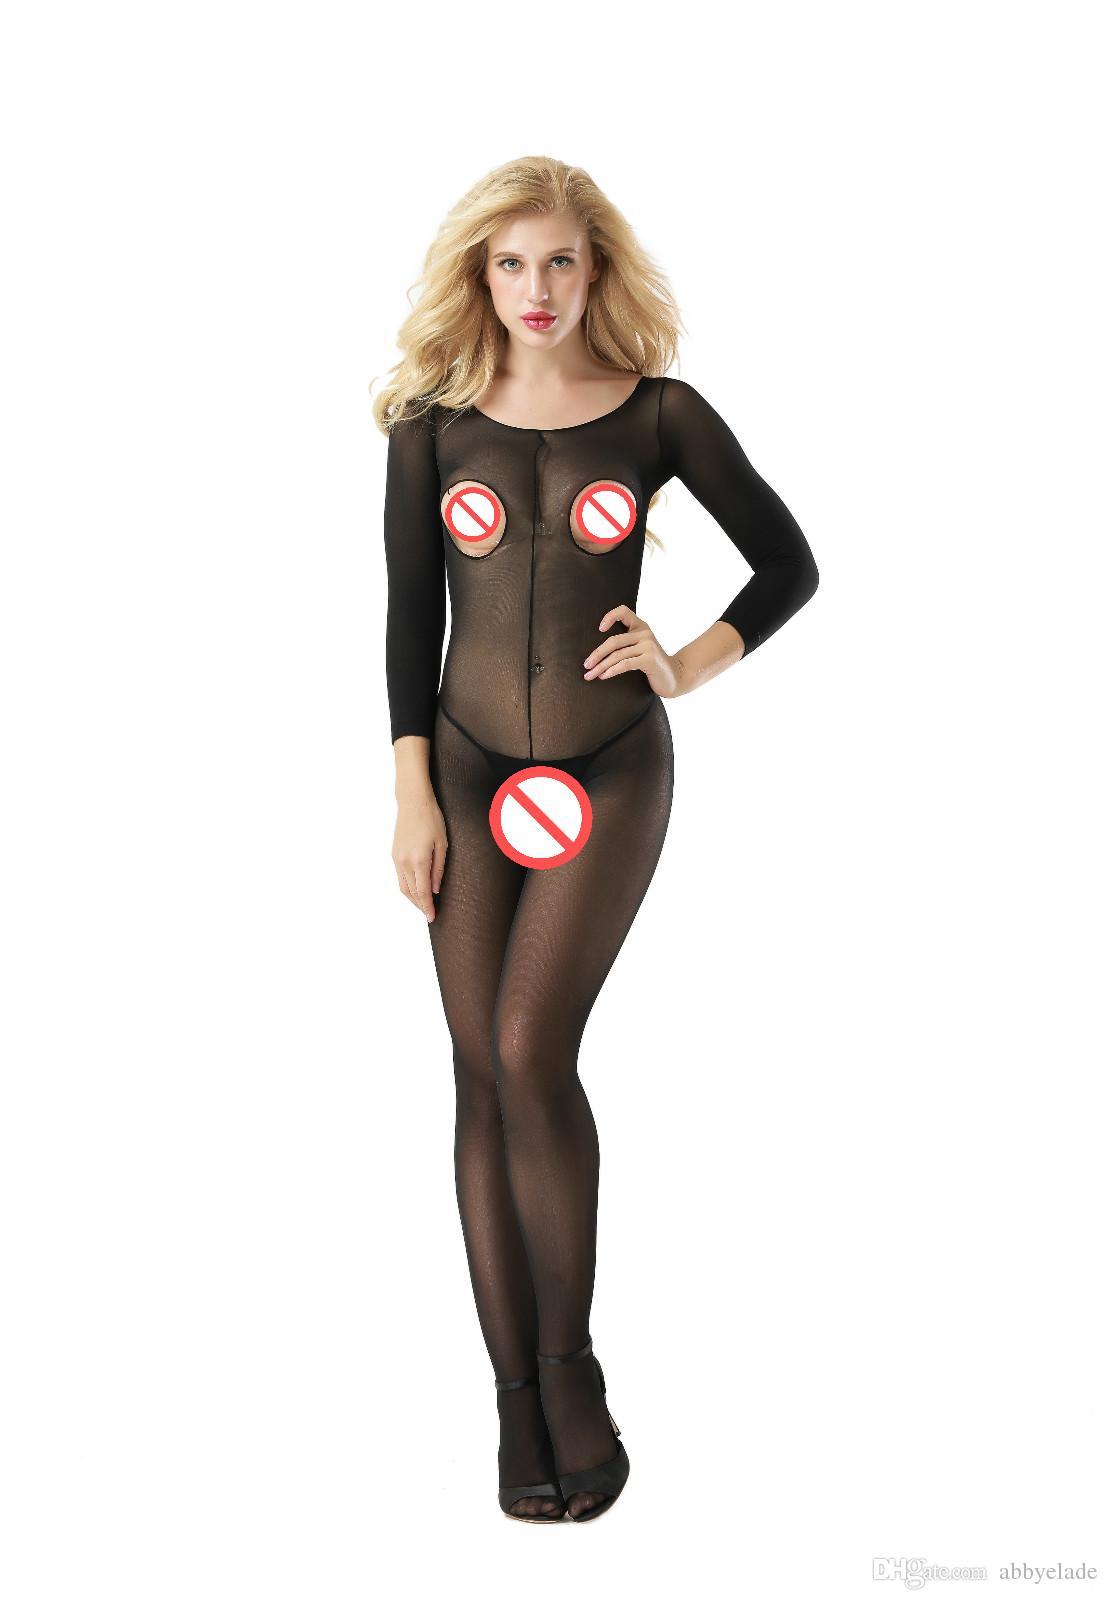 Nuevo Sexy Body Medias transparentes Medias Sexy UniSex Busto abierto Ver a través de medias del cuerpo Crotchless Bodystcoking Sexy Pjs